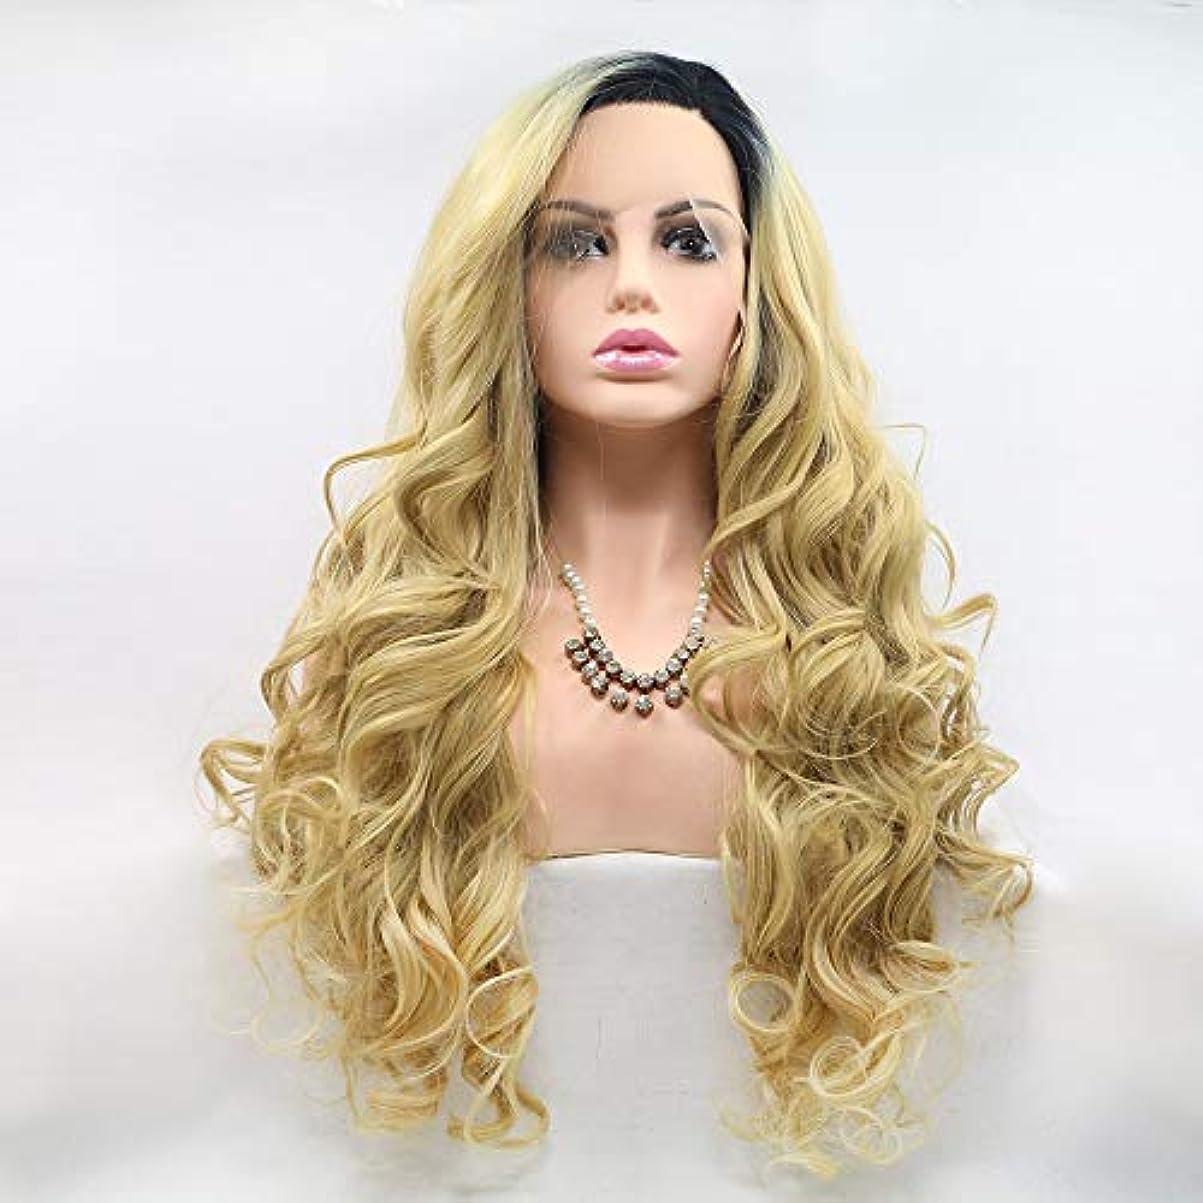 洪水方法論甲虫ヘアピース 黒黄色のグラデーションの長い髪の巻き毛の女性手作りレースヨーロッパとアメリカの自然な髪のかつらセット